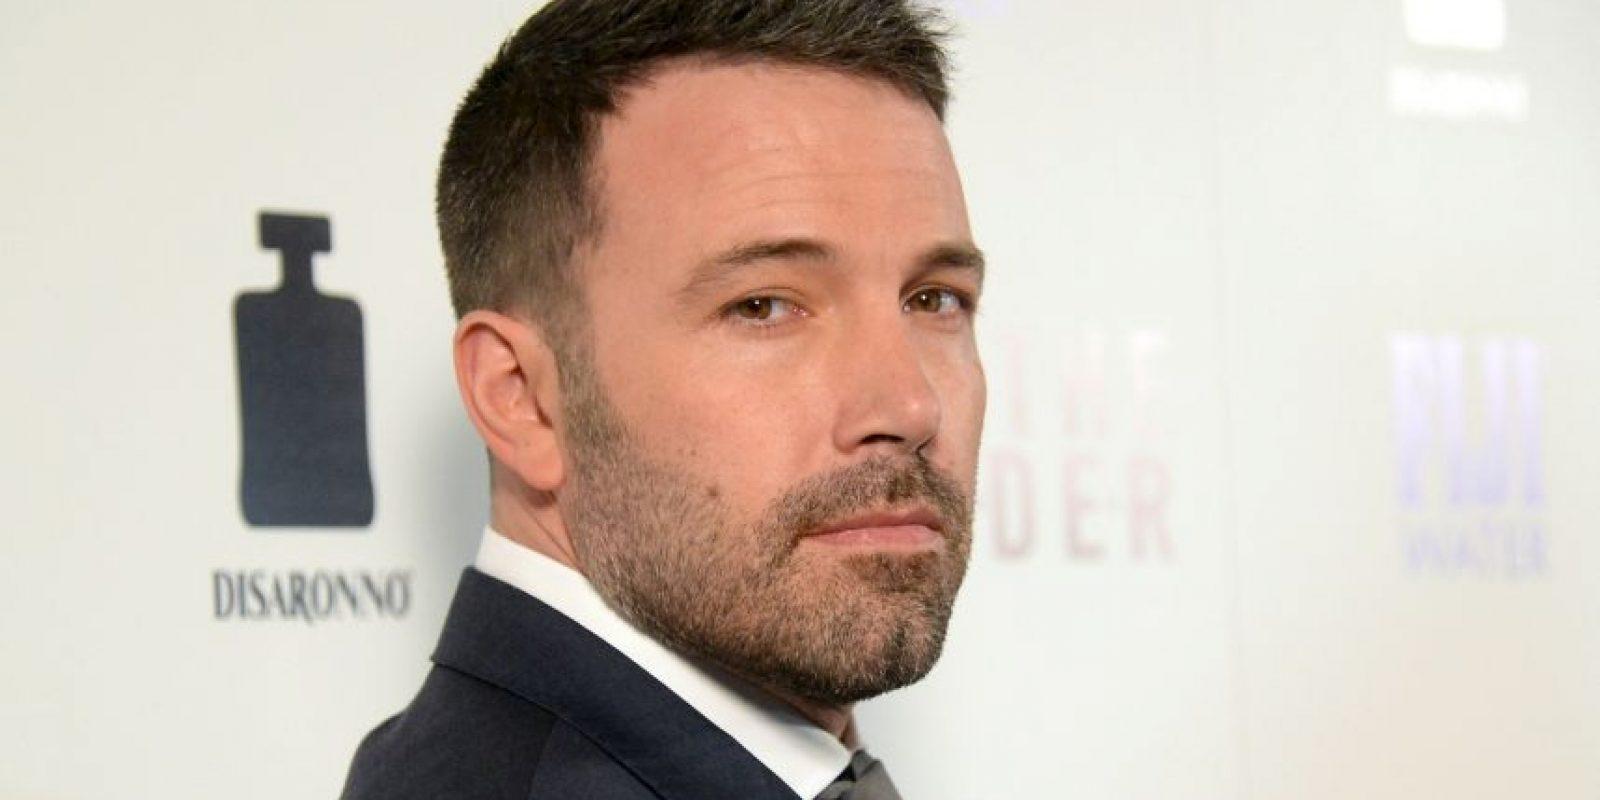 Los mensajes filtrados por Wikileaks ponen en duda la veracidad del actor. Foto:Getty Images